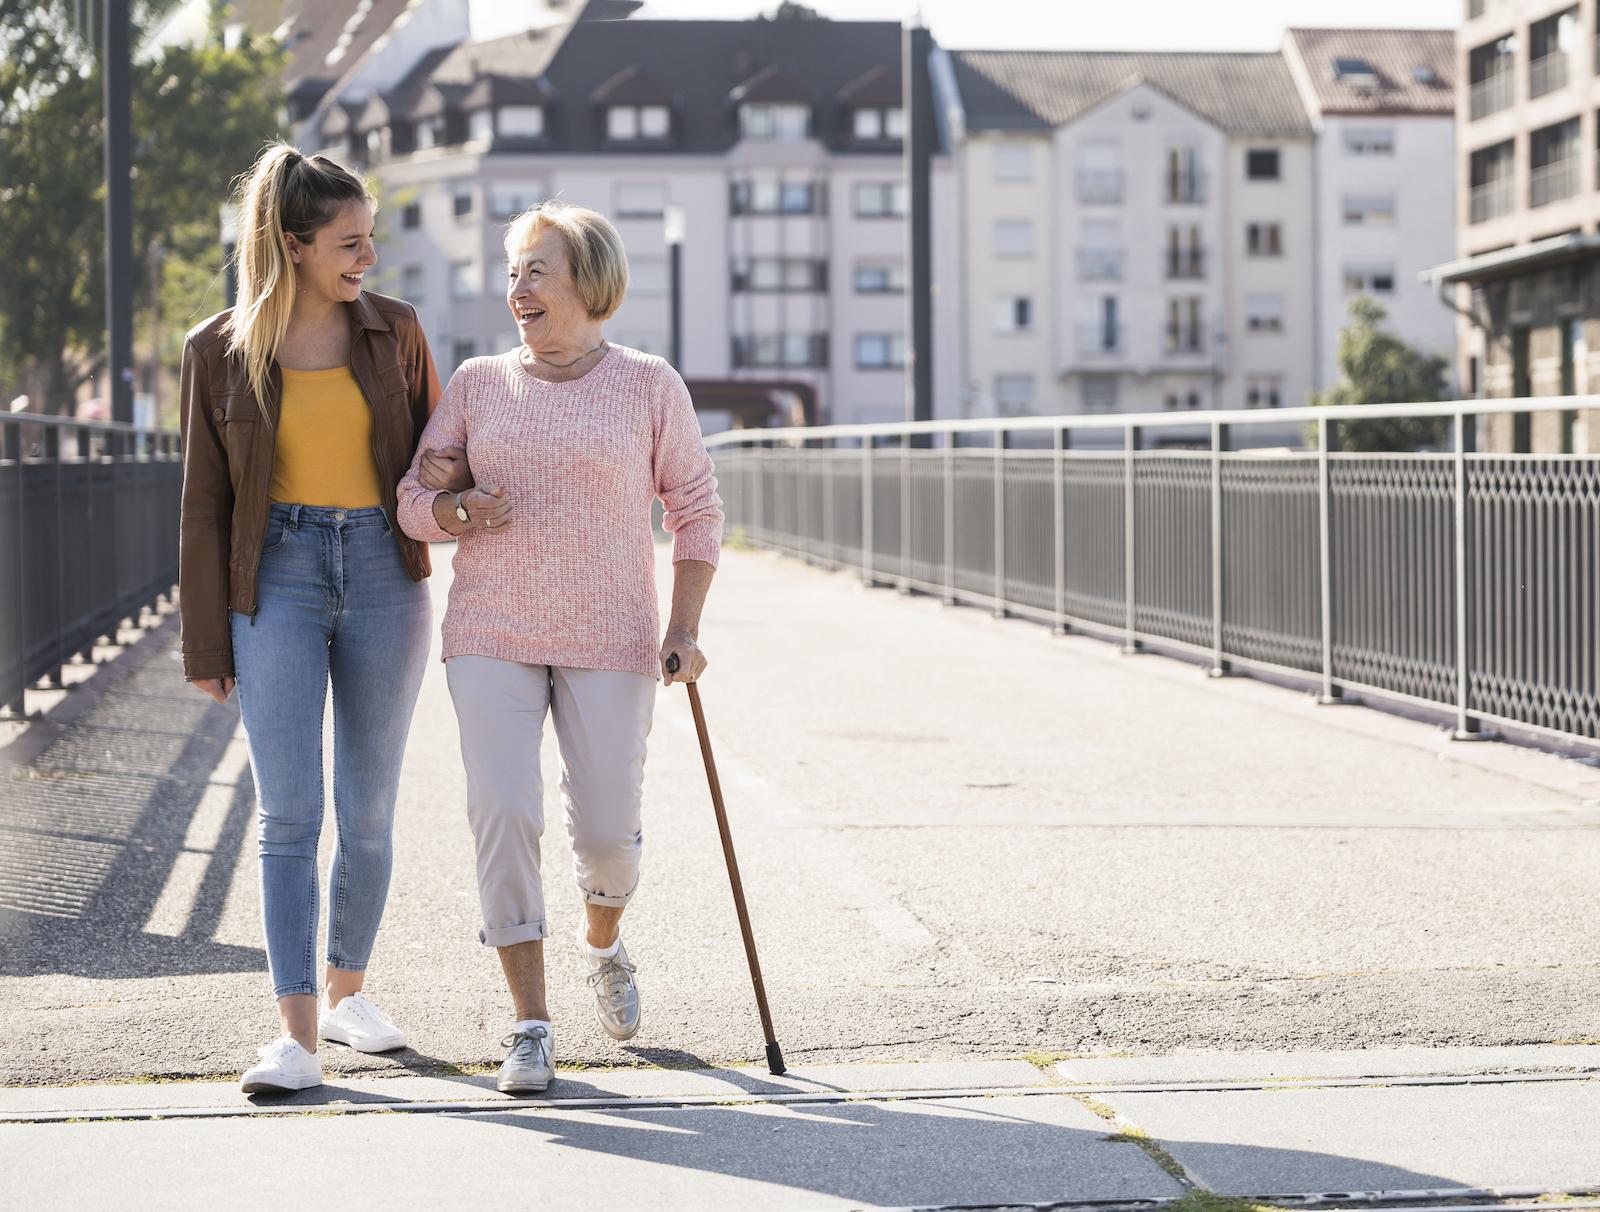 companion caregiver and senior